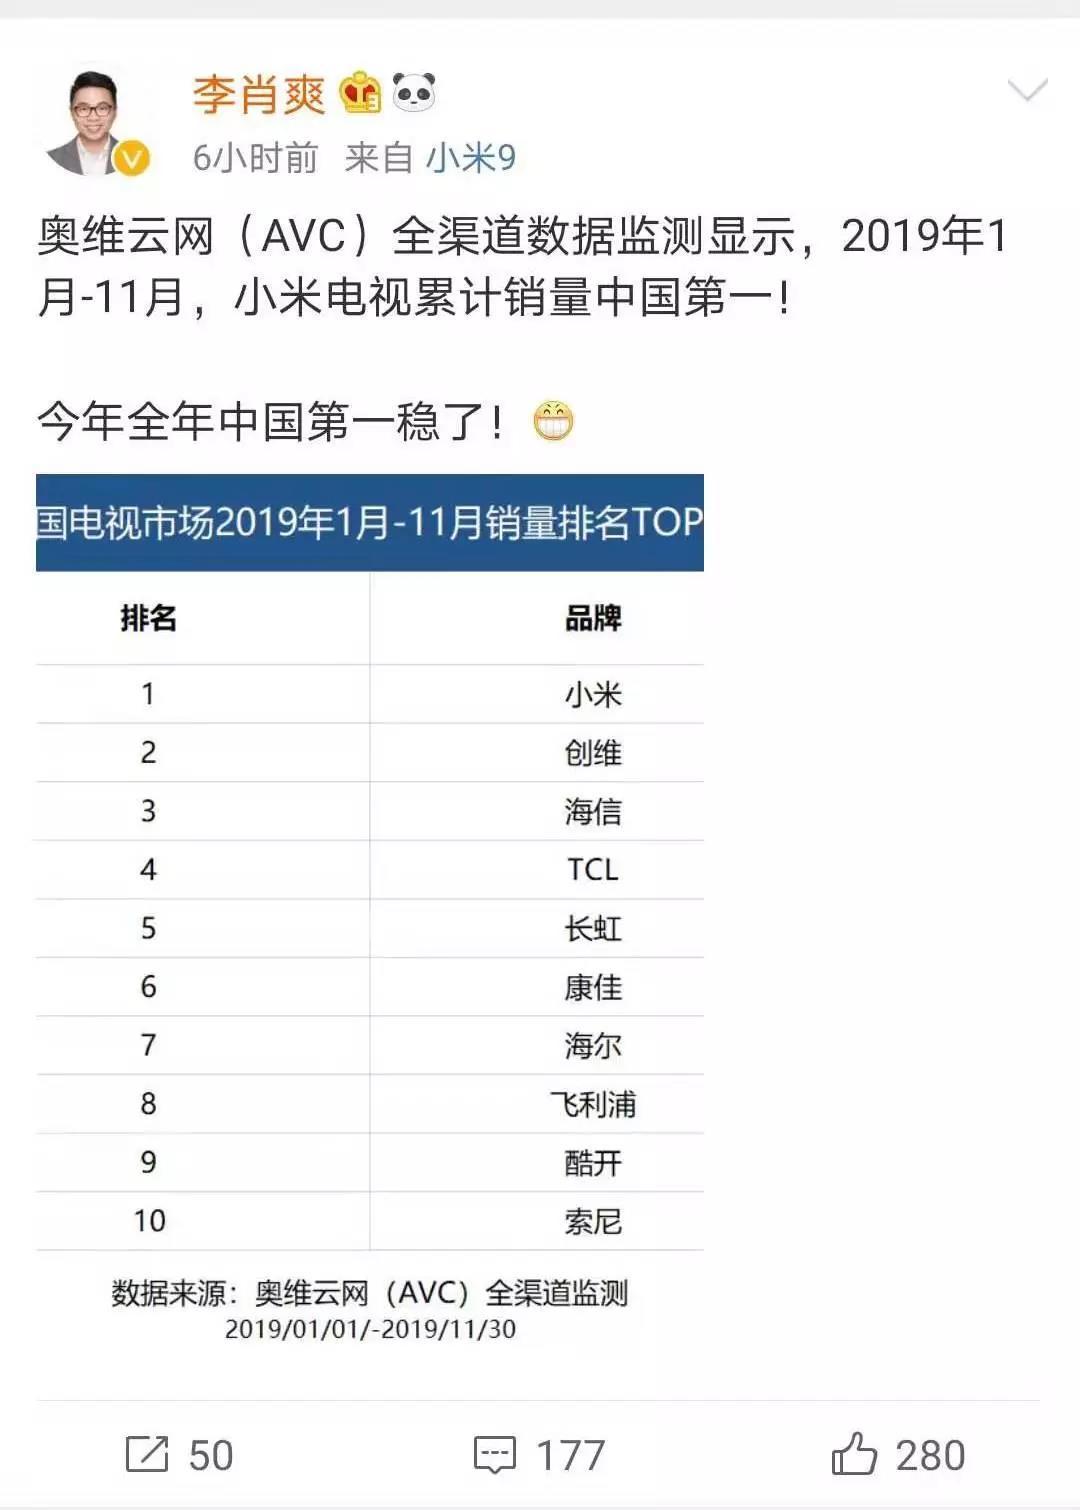 小米李肖爽宣布,小米电视全年中国第一稳了